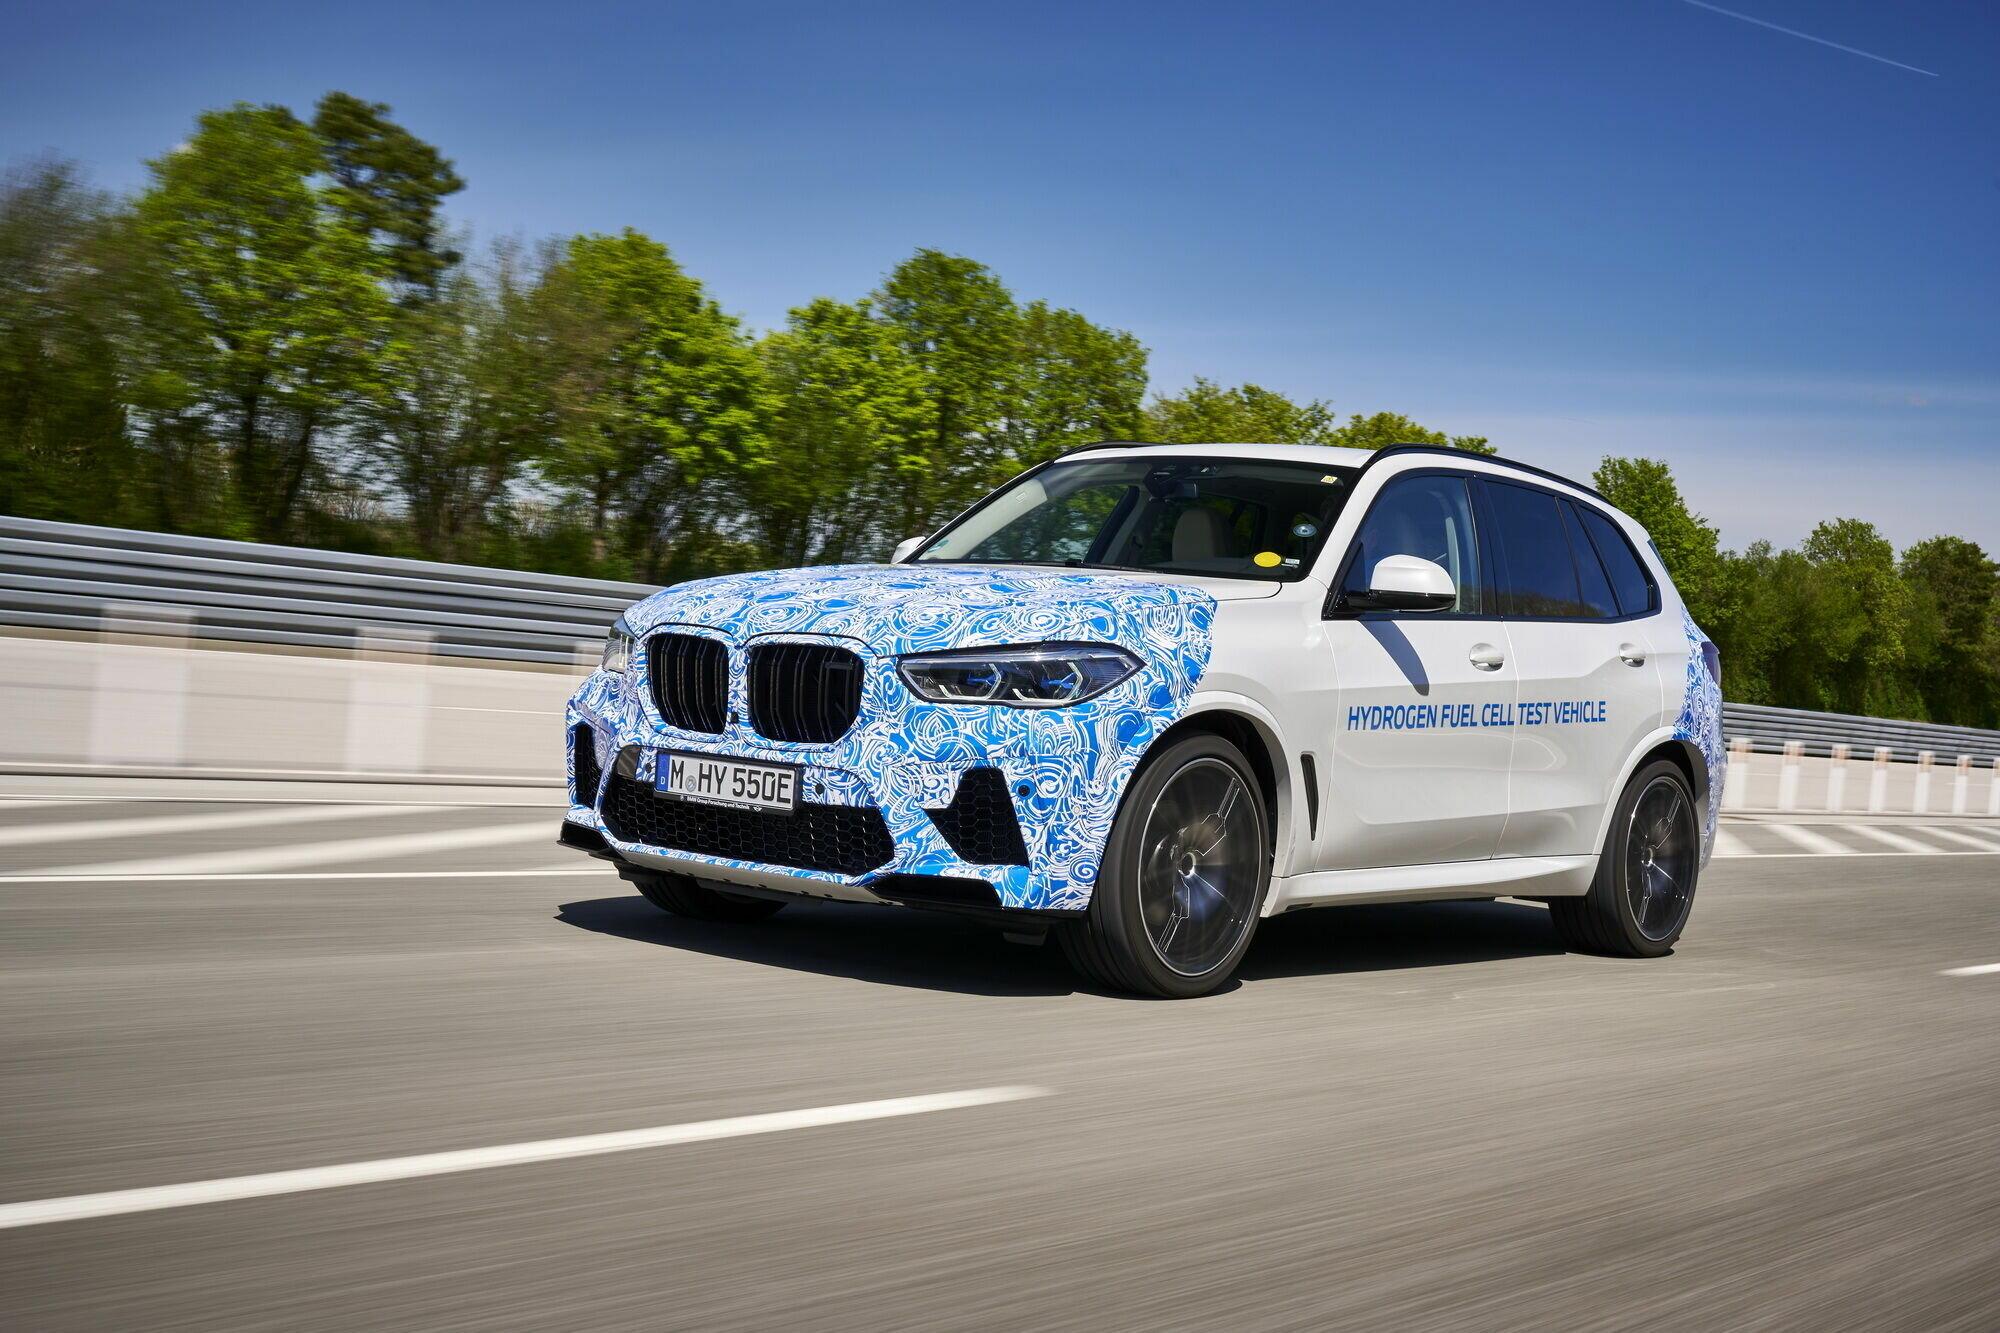 Через 2 роки досліджень та лабораторних випробувань автомобіль відправився на дорожні тести